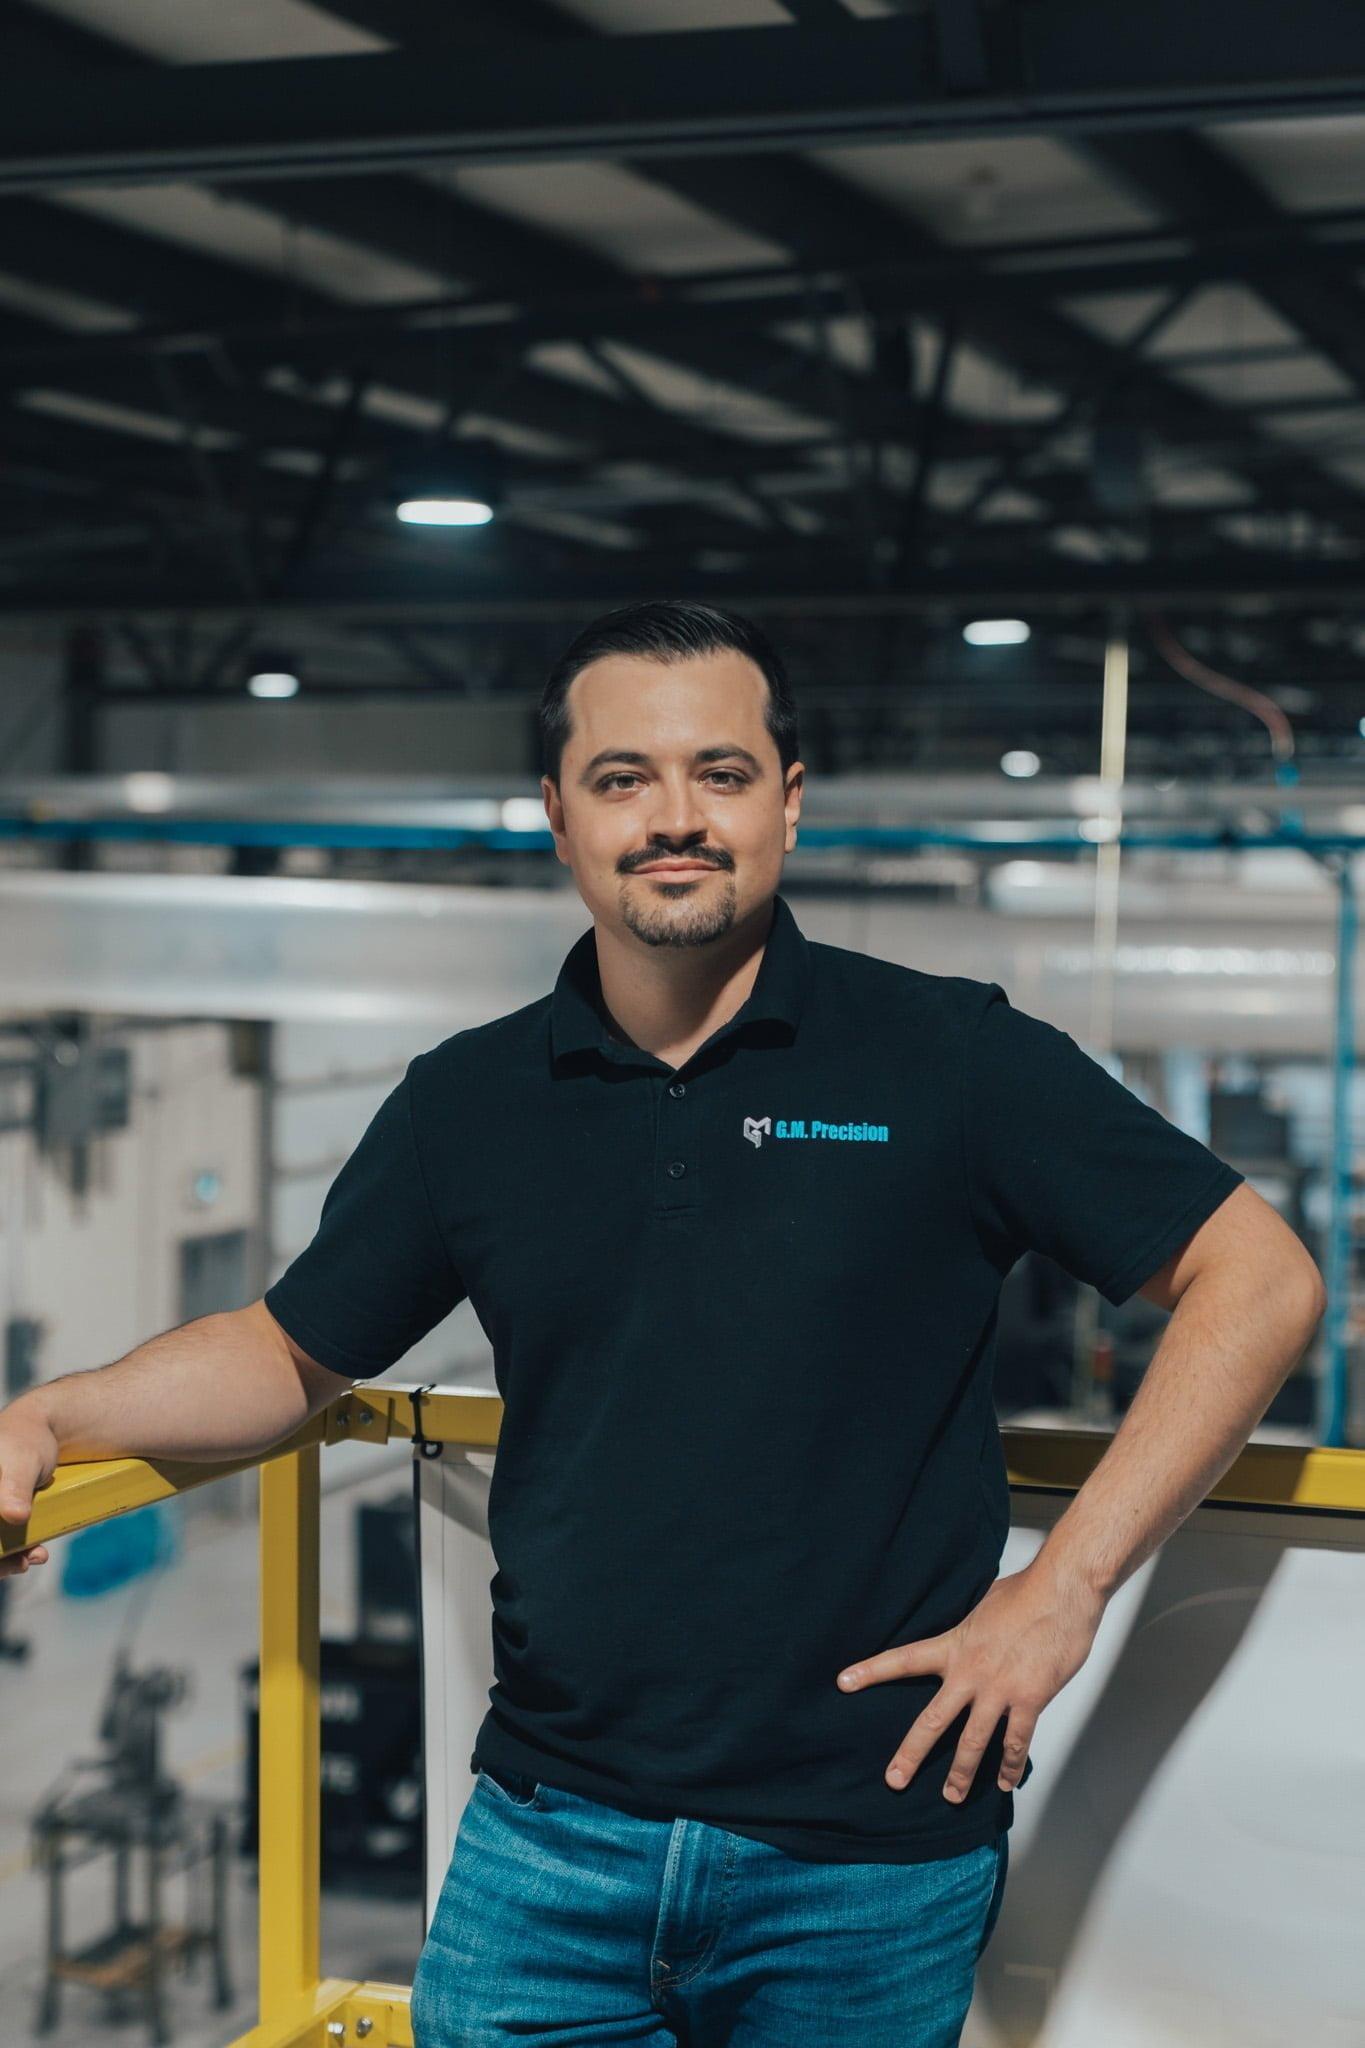 Jonathan Proteau V.-P. Méthodes & Dir. RH dans l'usine